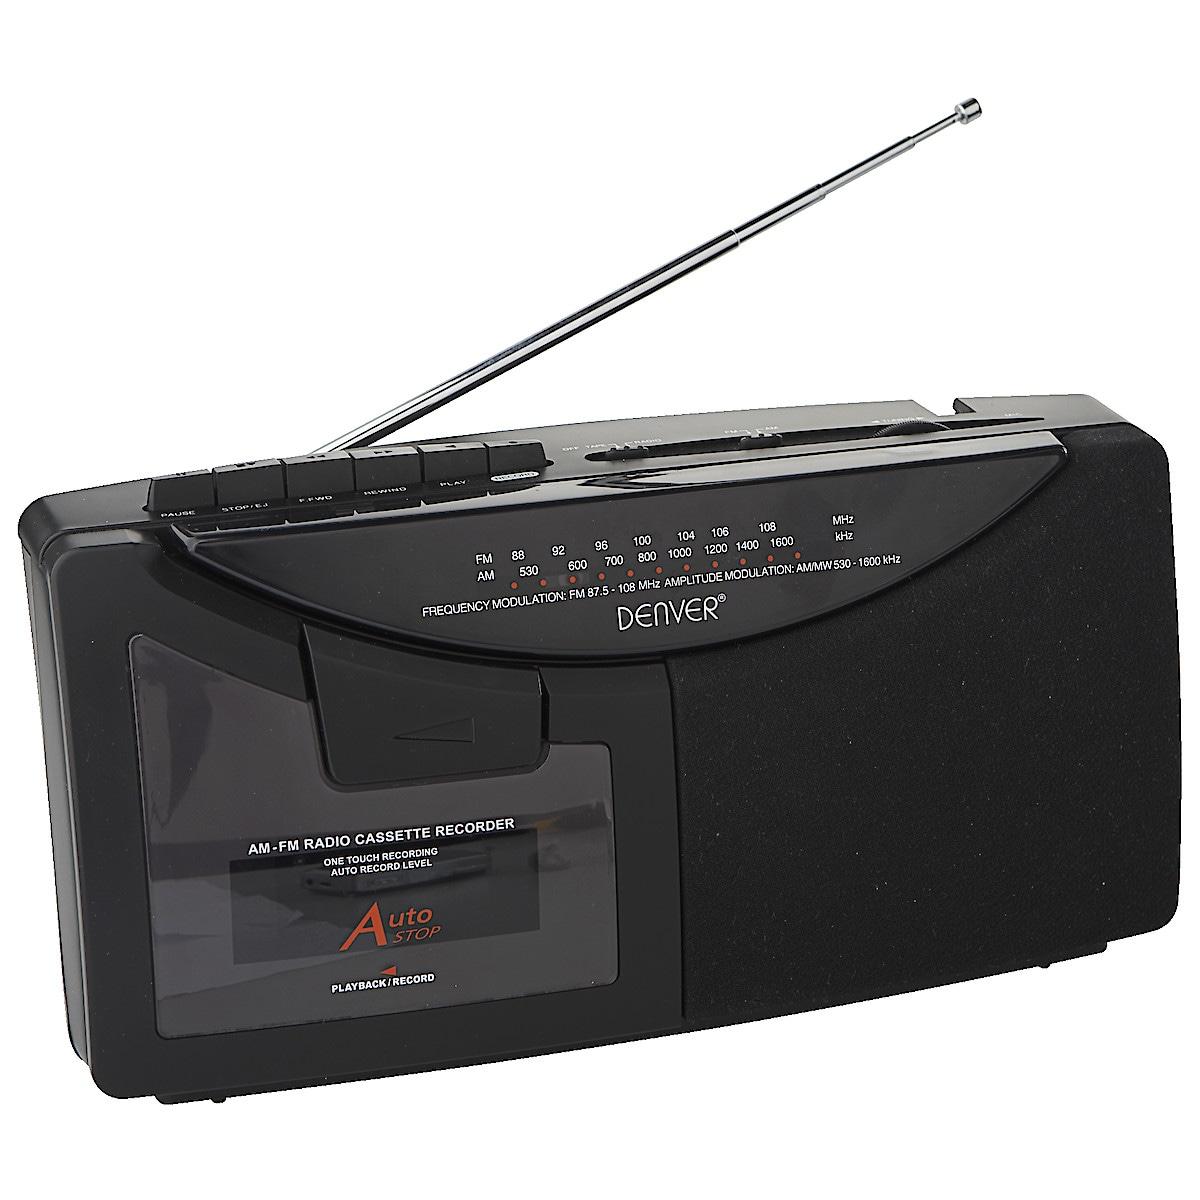 Denver TR-49 AM/FM Radio Cassette Player